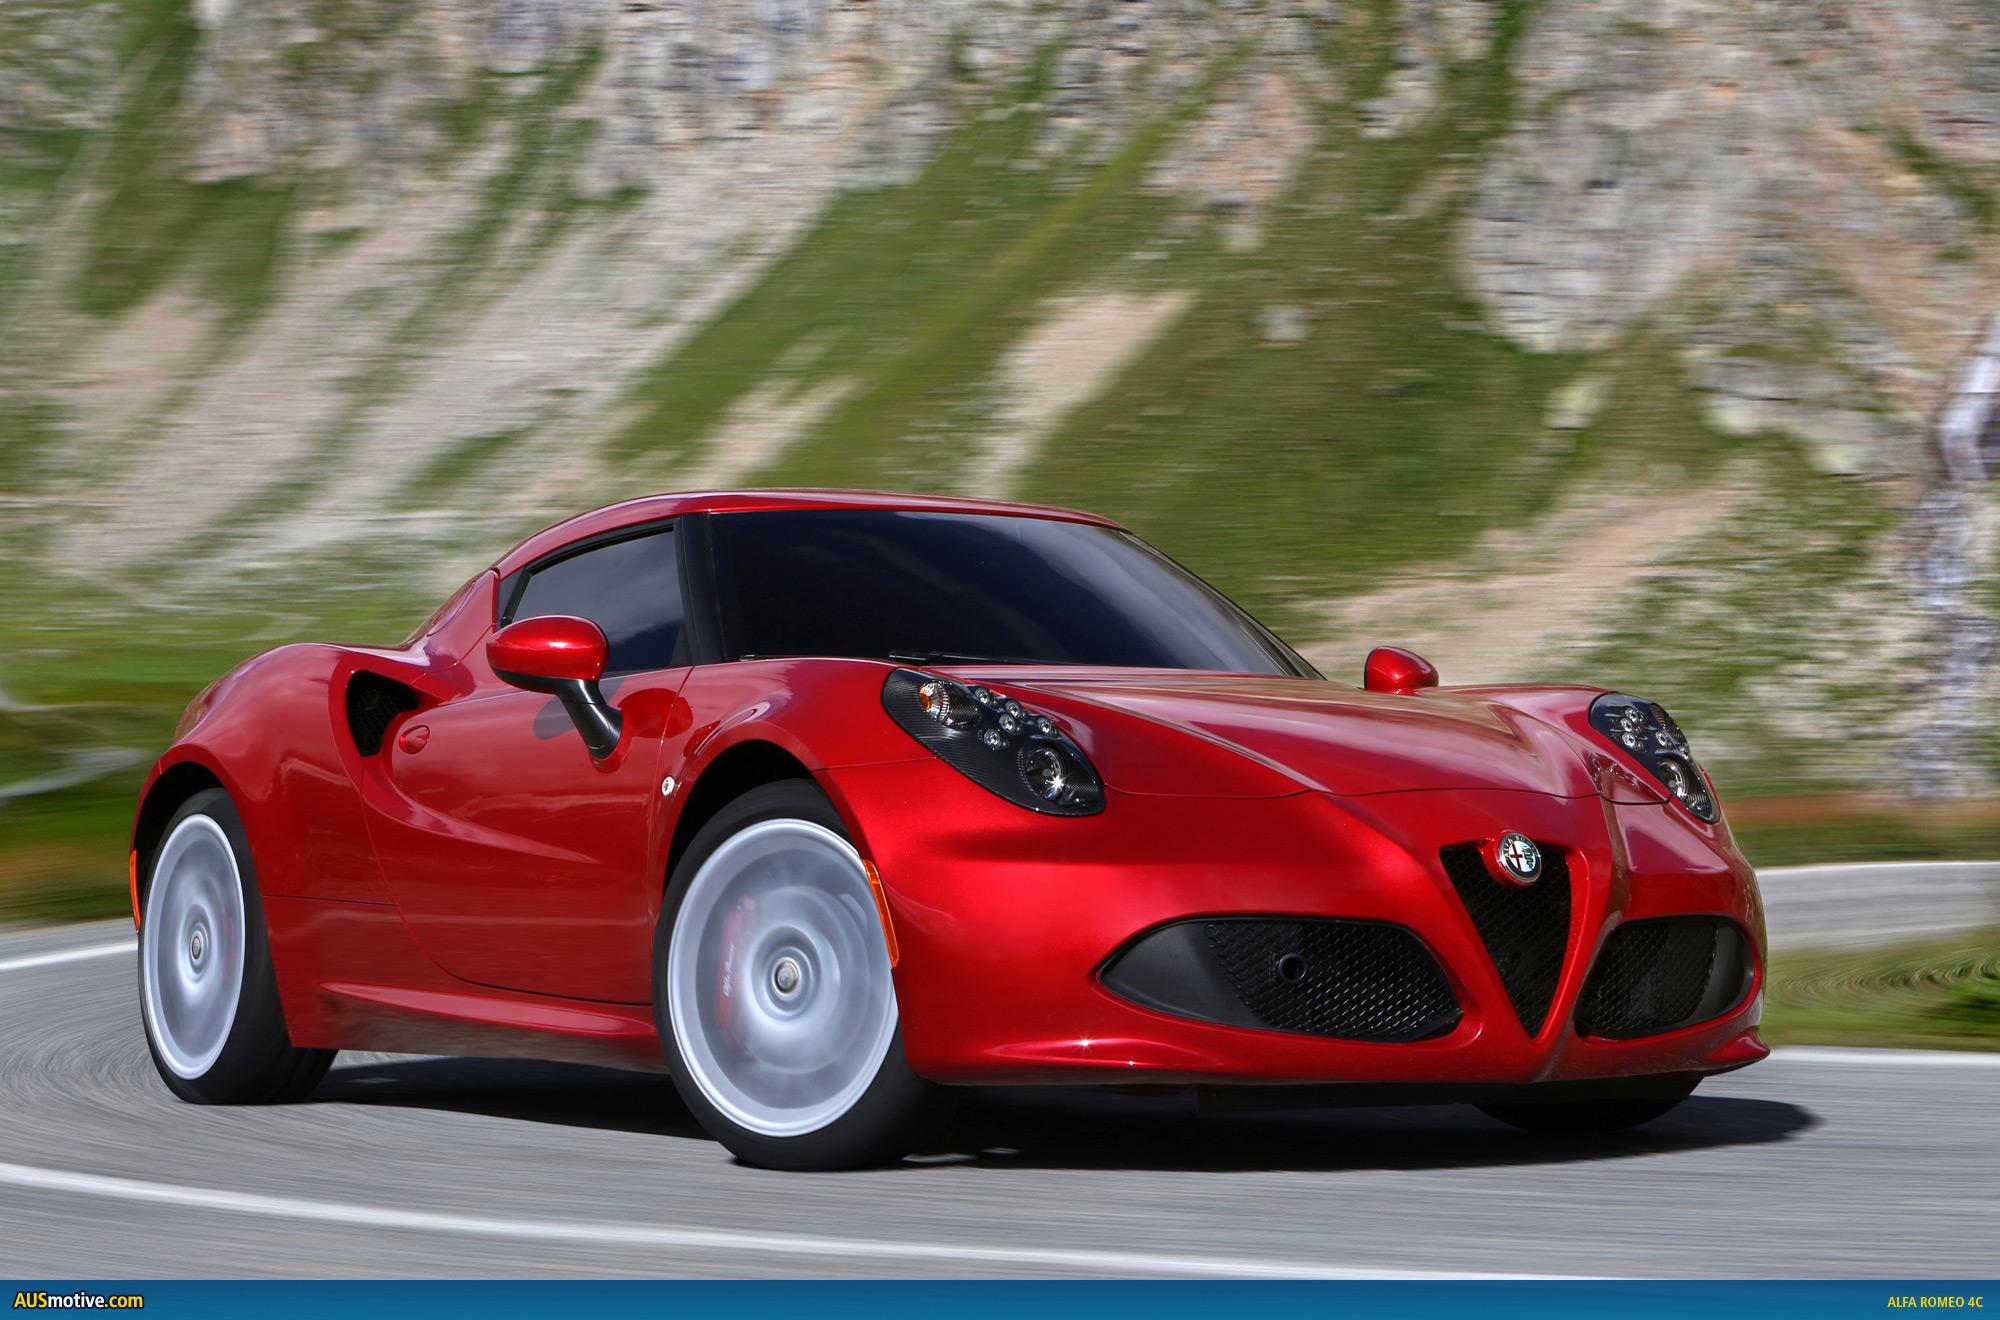 Alfa Romeo 4C Top Speed >> AUSmotive.com » Alfa Romeo 4C in detail